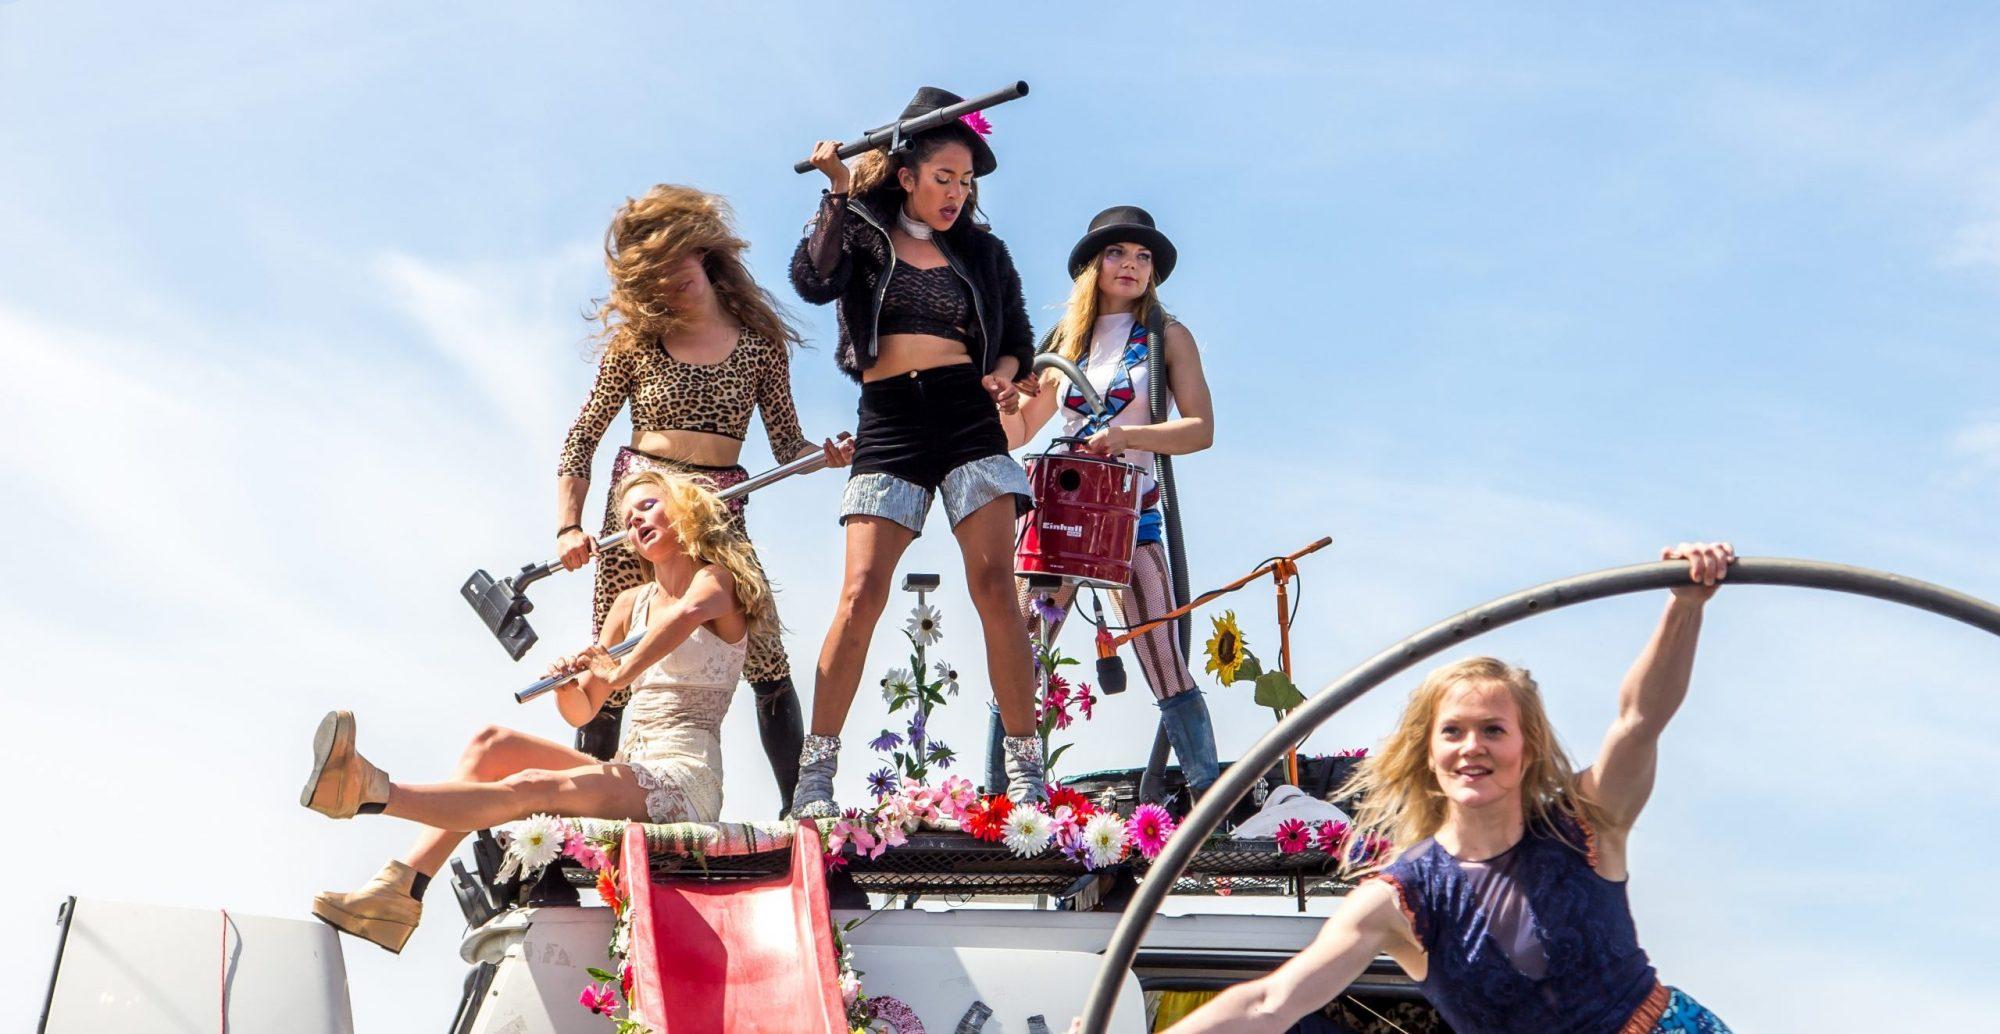 """""""Cirkuliacijos"""" svečiai iš Suomijos """"Sisus Sirkus"""": laužomi stereotipai ir žinia apie stiprias moteris"""